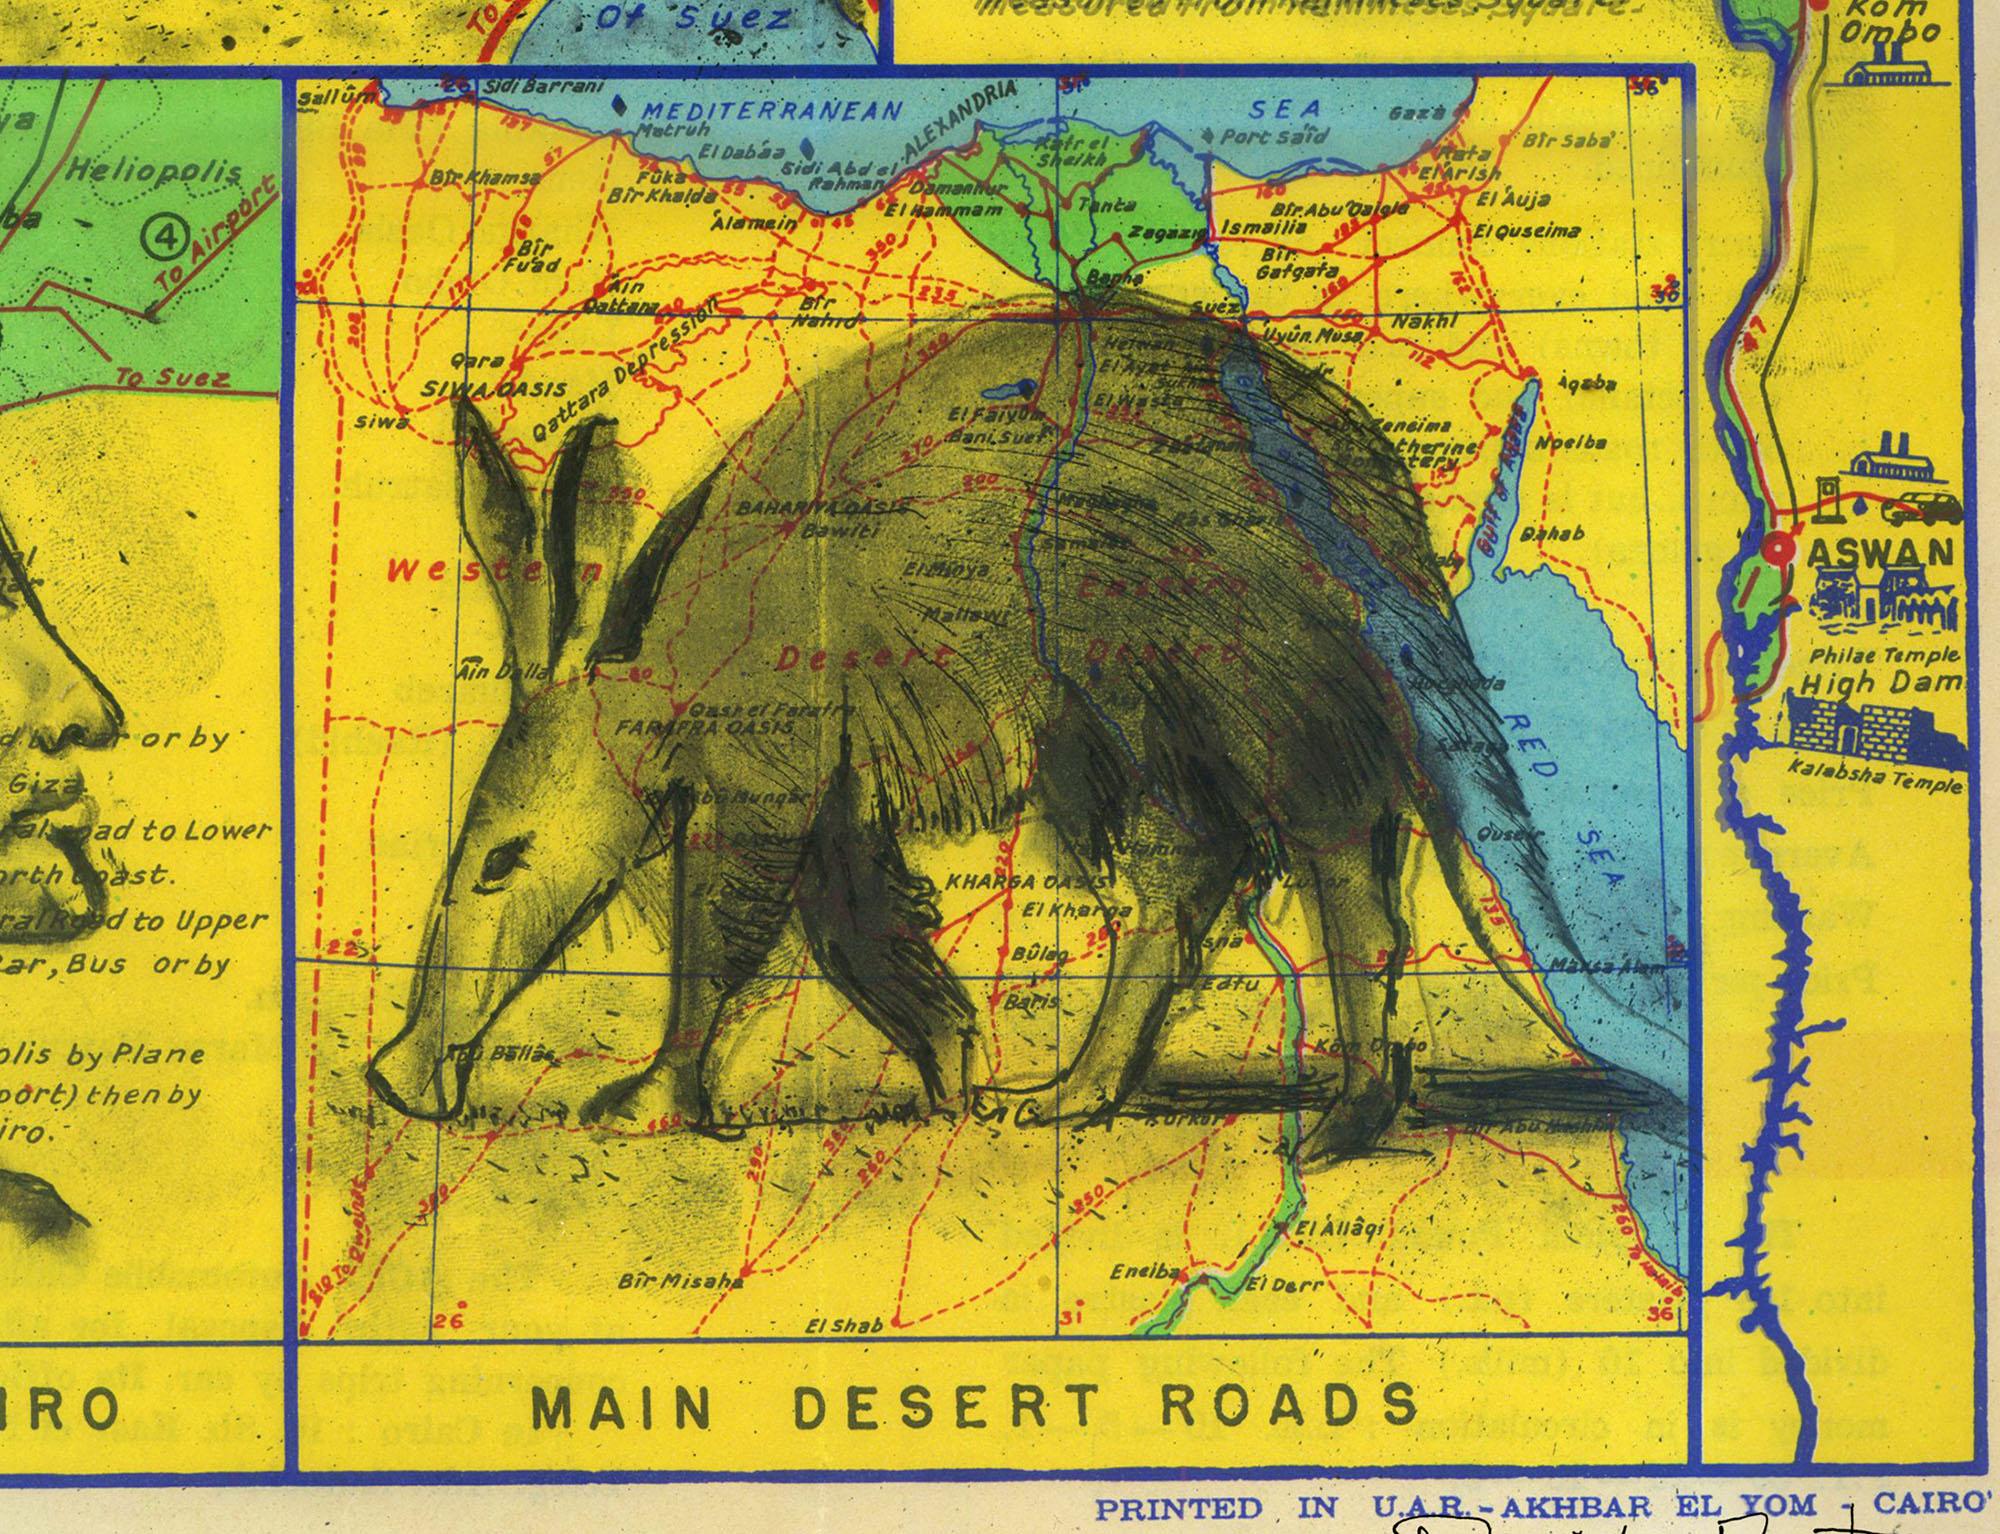 An Egyptian aardvark